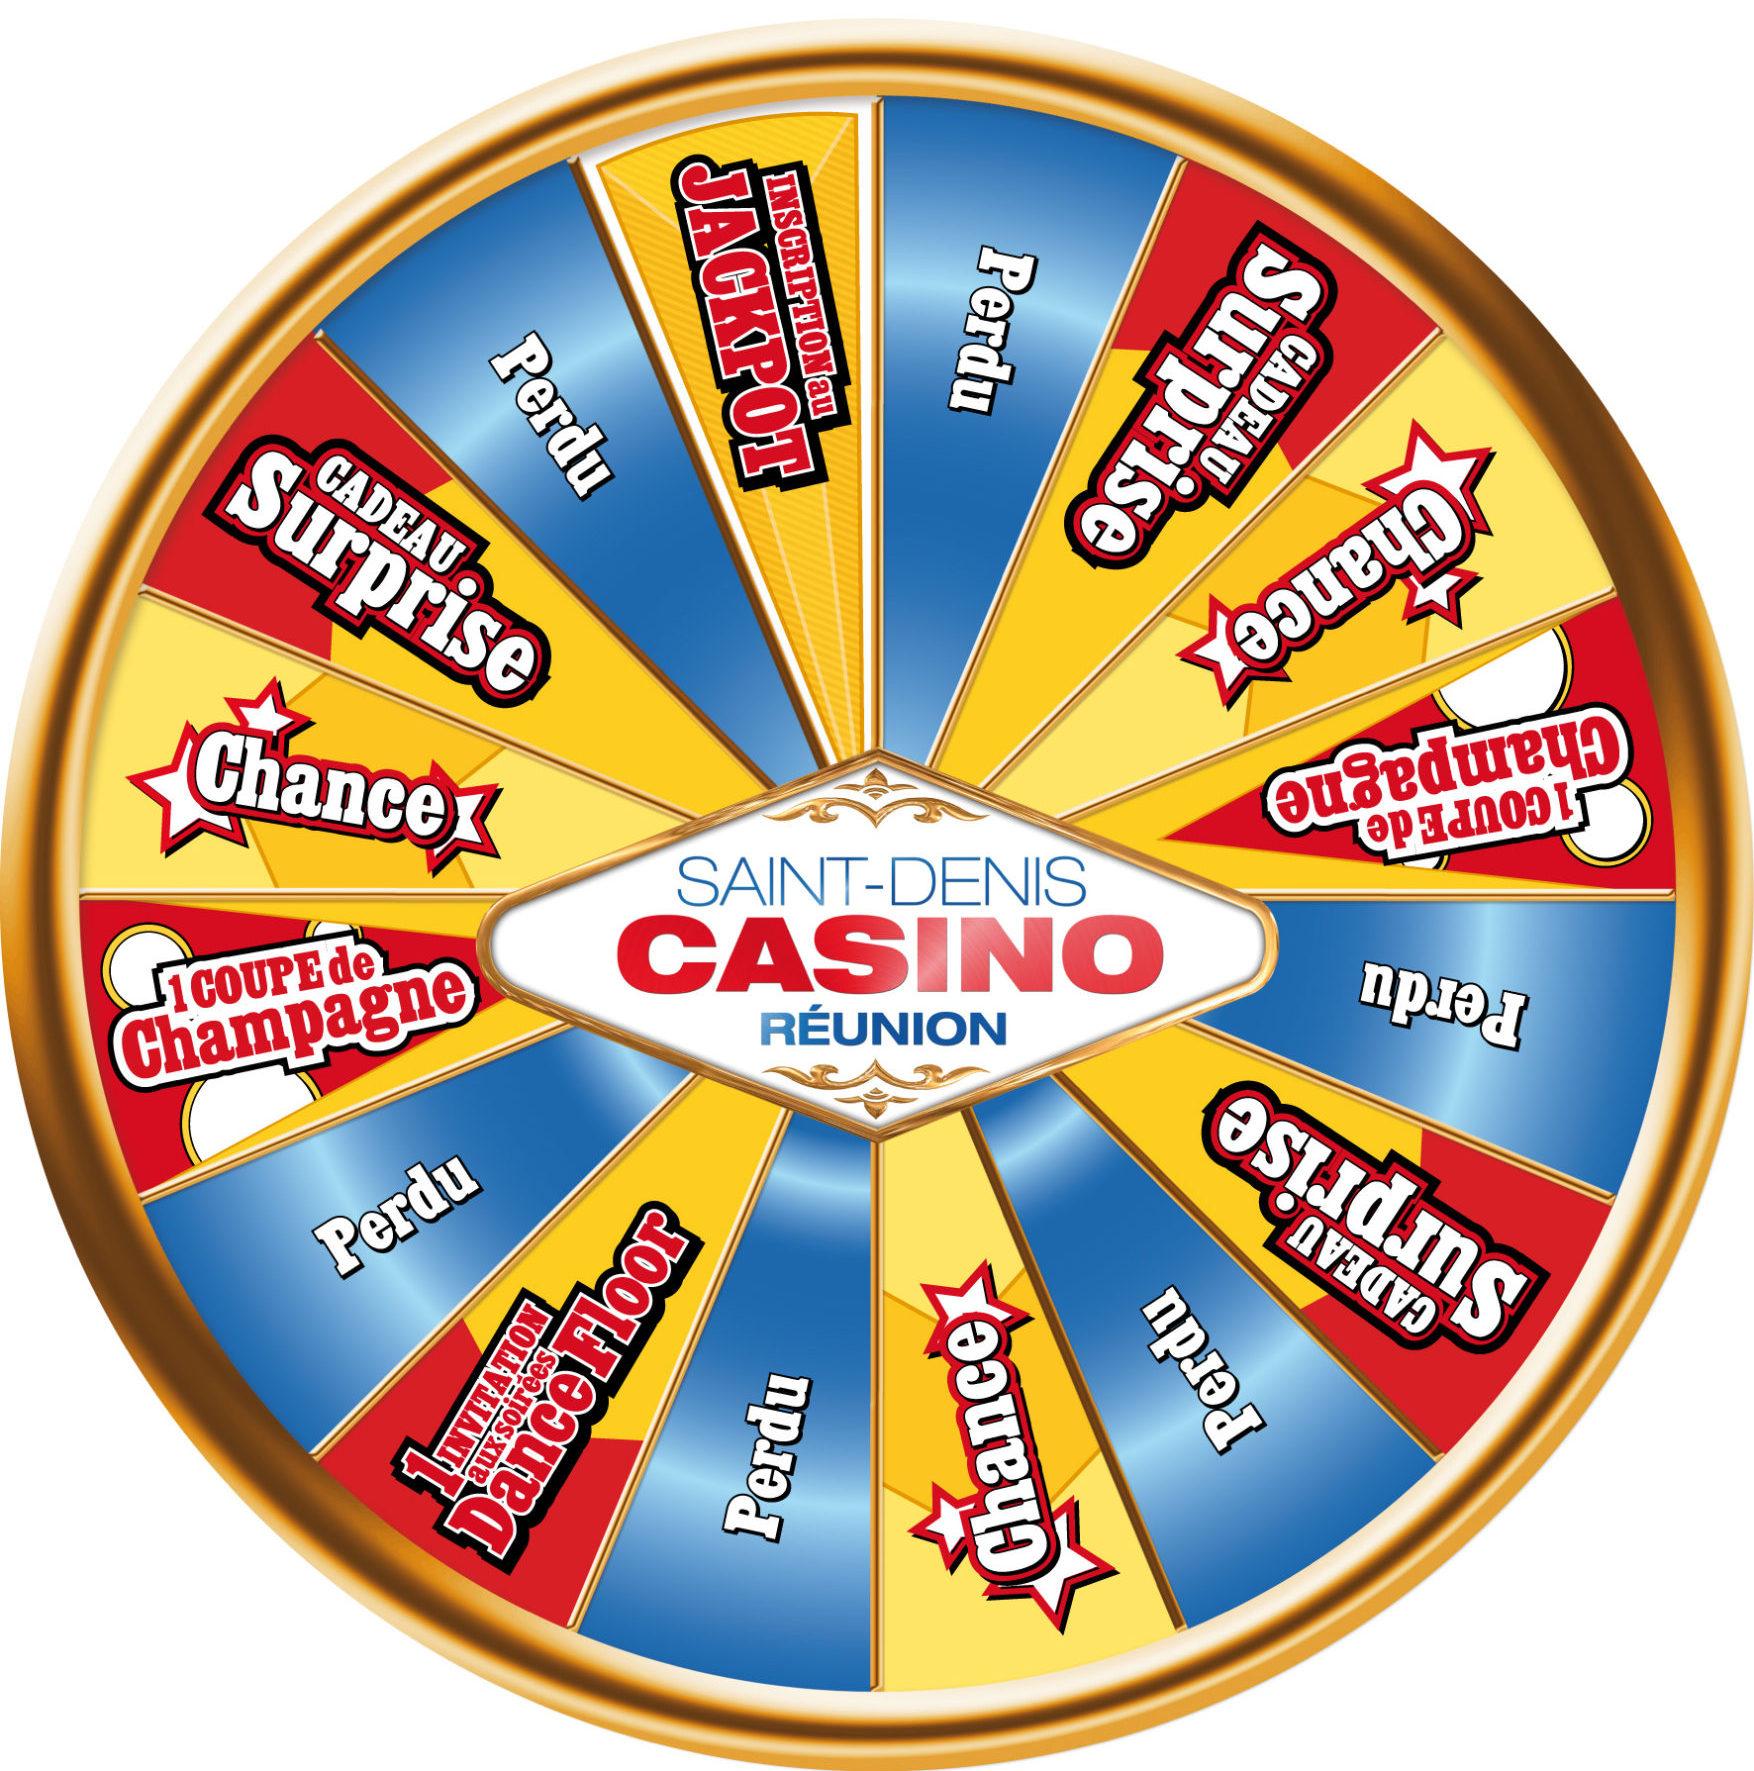 Roue de la fortune pour le Casino St Denis (974)